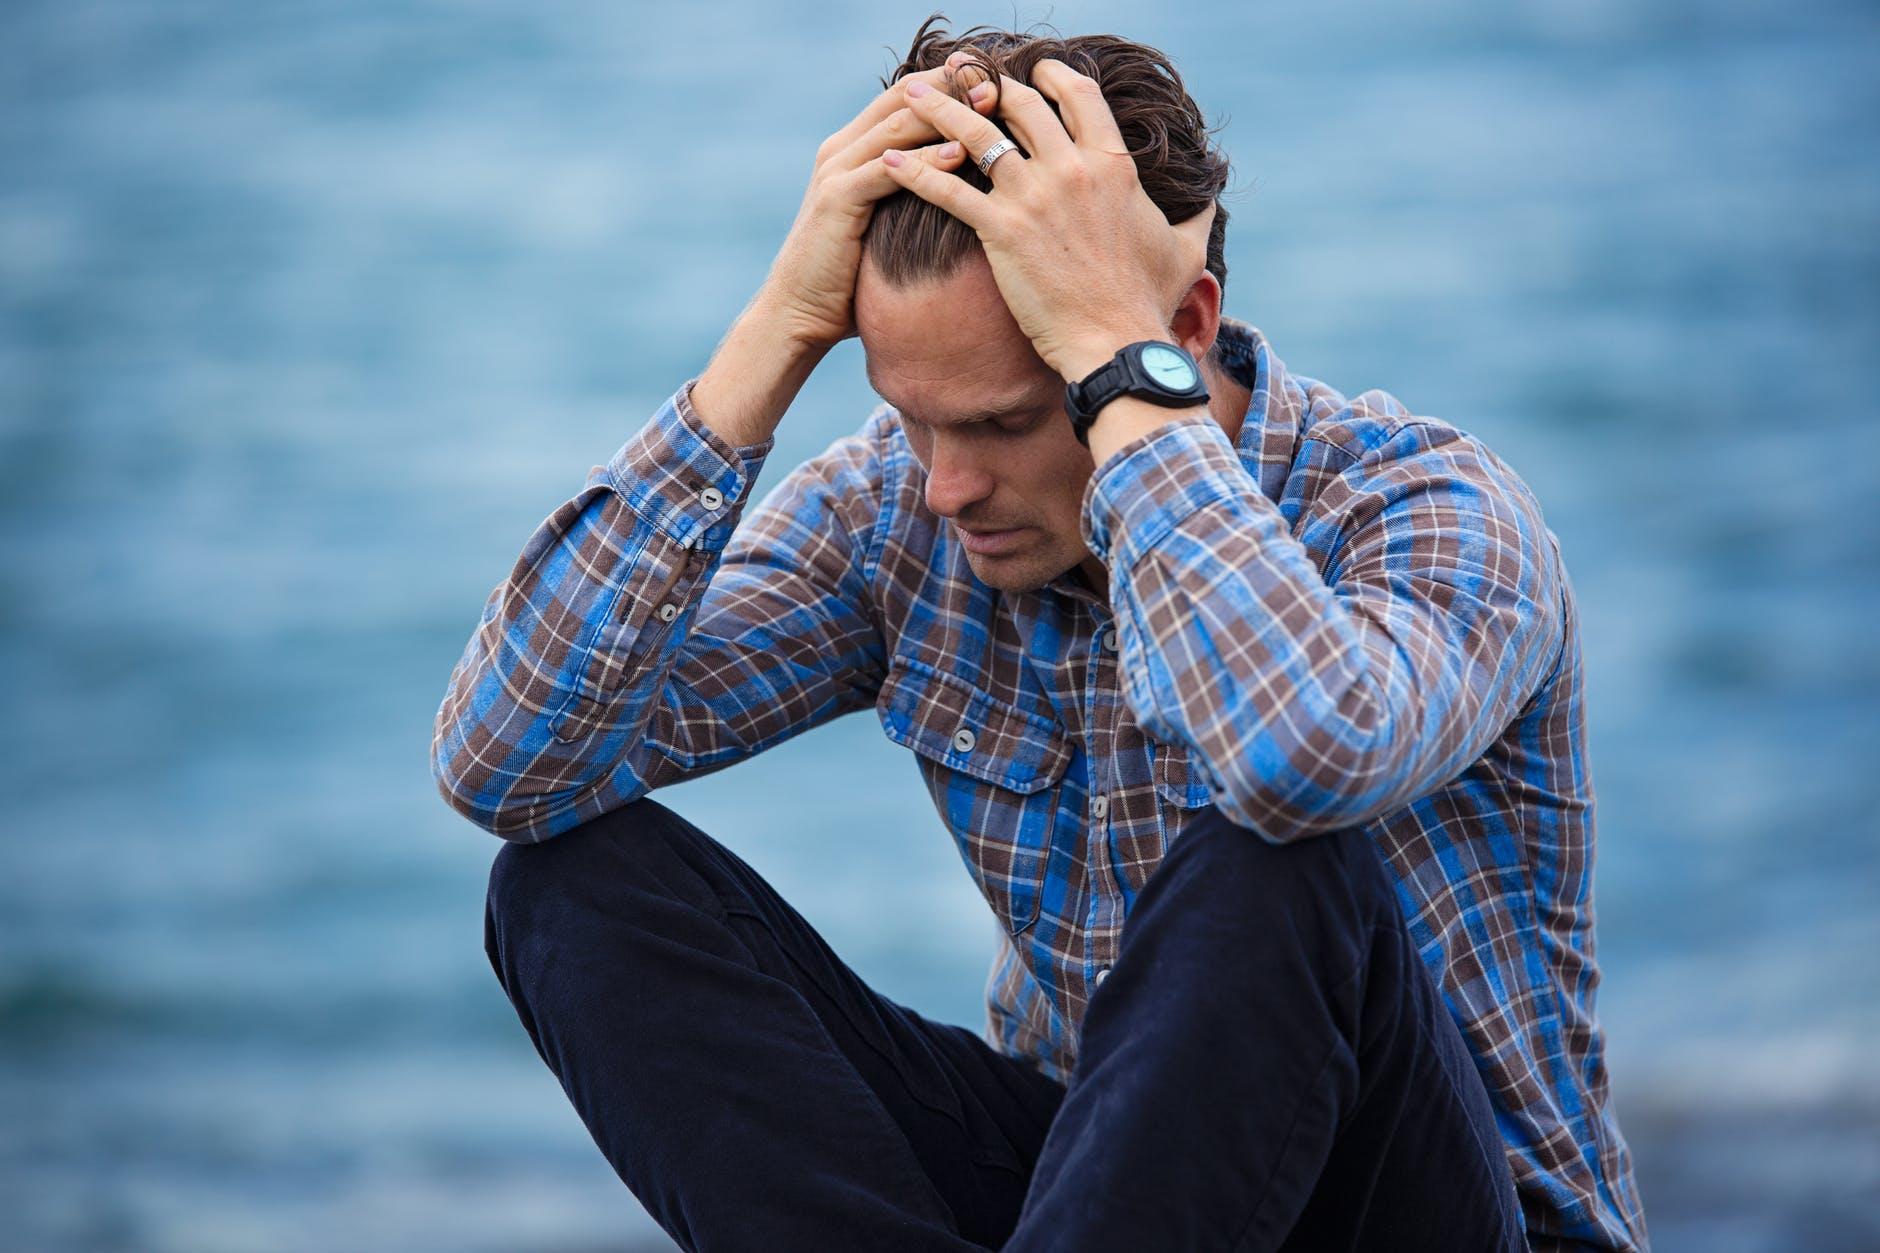 The silence on men's health